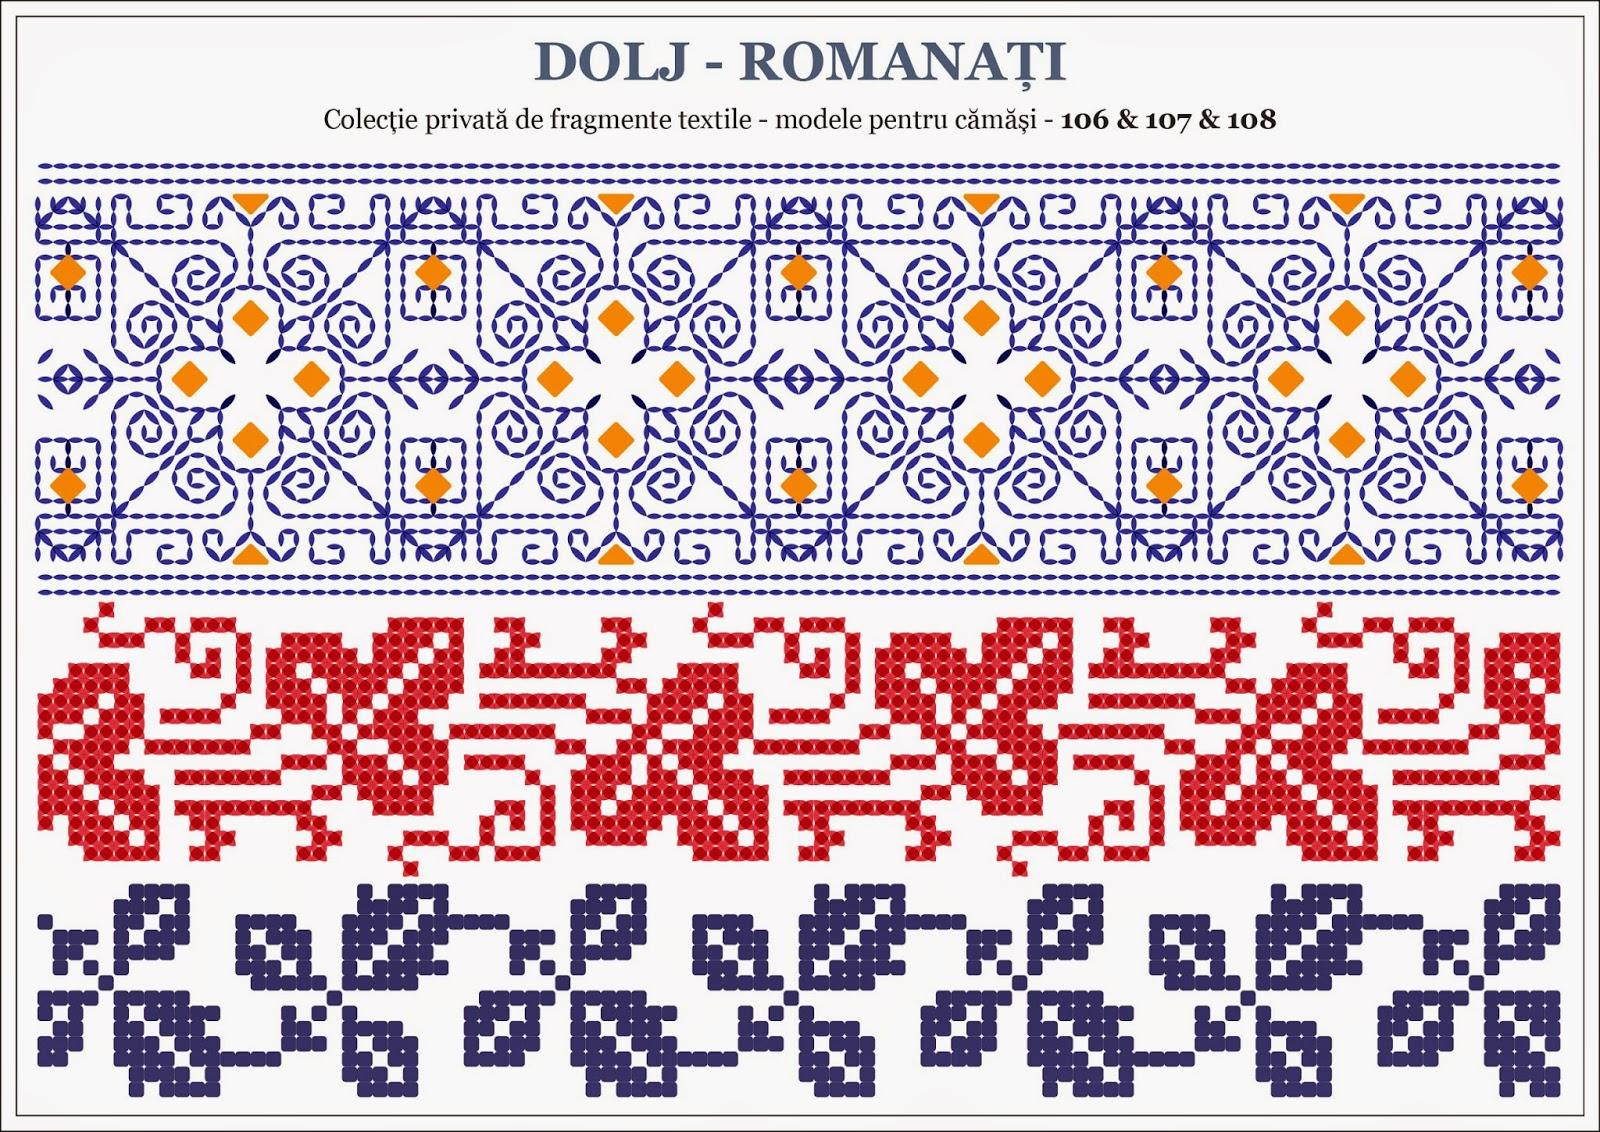 Semne cusute decembrie 2014 - Beautiful romanian folk motifs ...